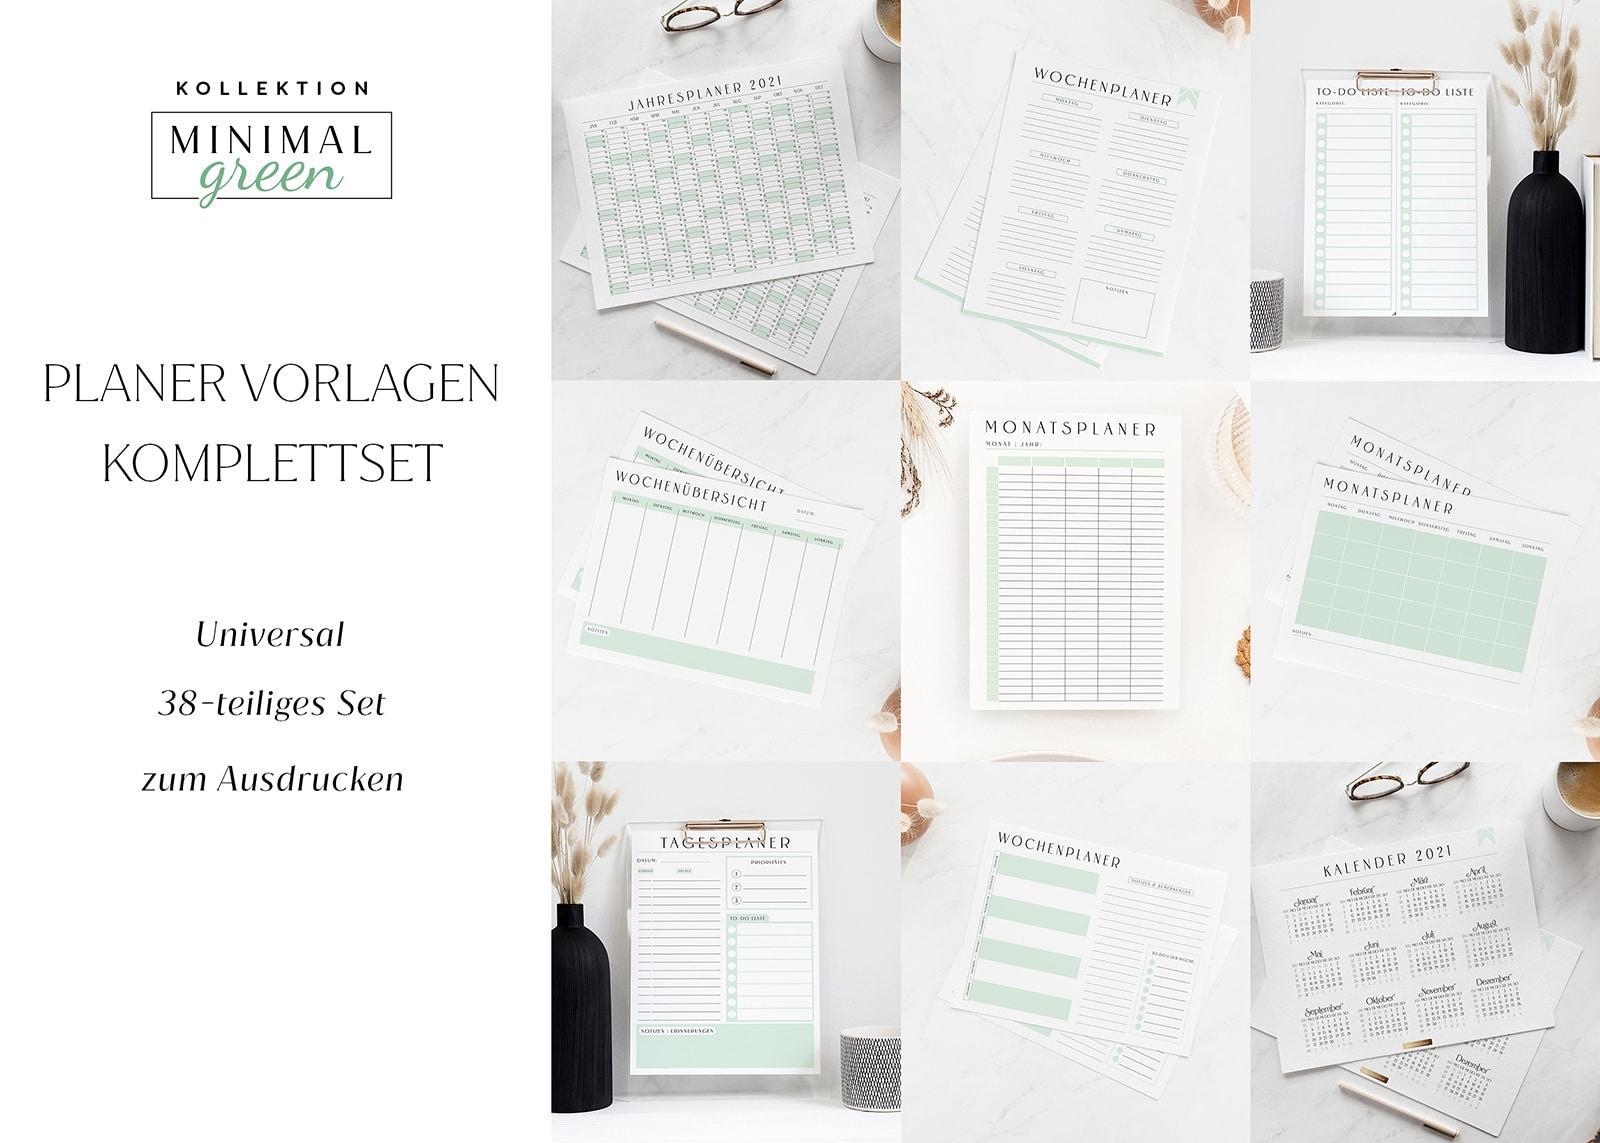 Planer_selbst_gestalten_organisieren_vorlagen_pdf_druckvorlagen